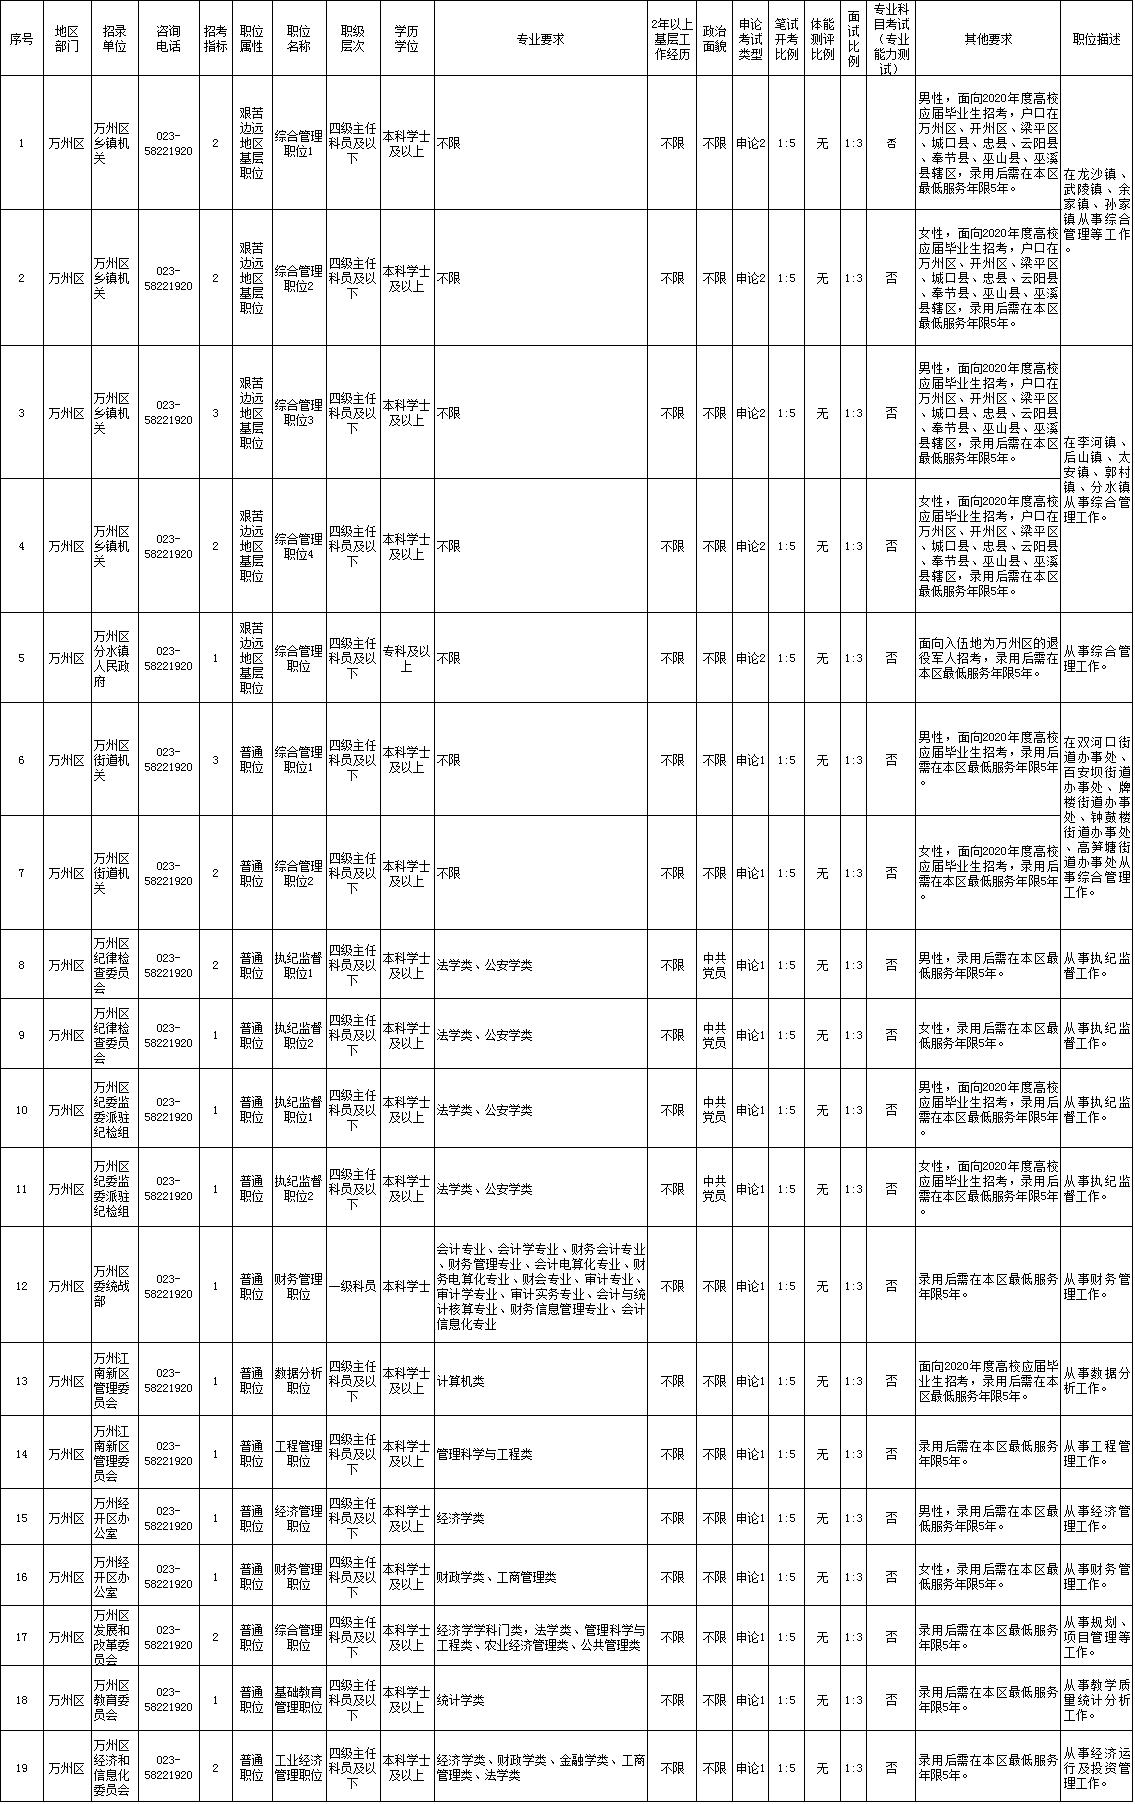 重慶市2020年度公開考試錄用公務員公告